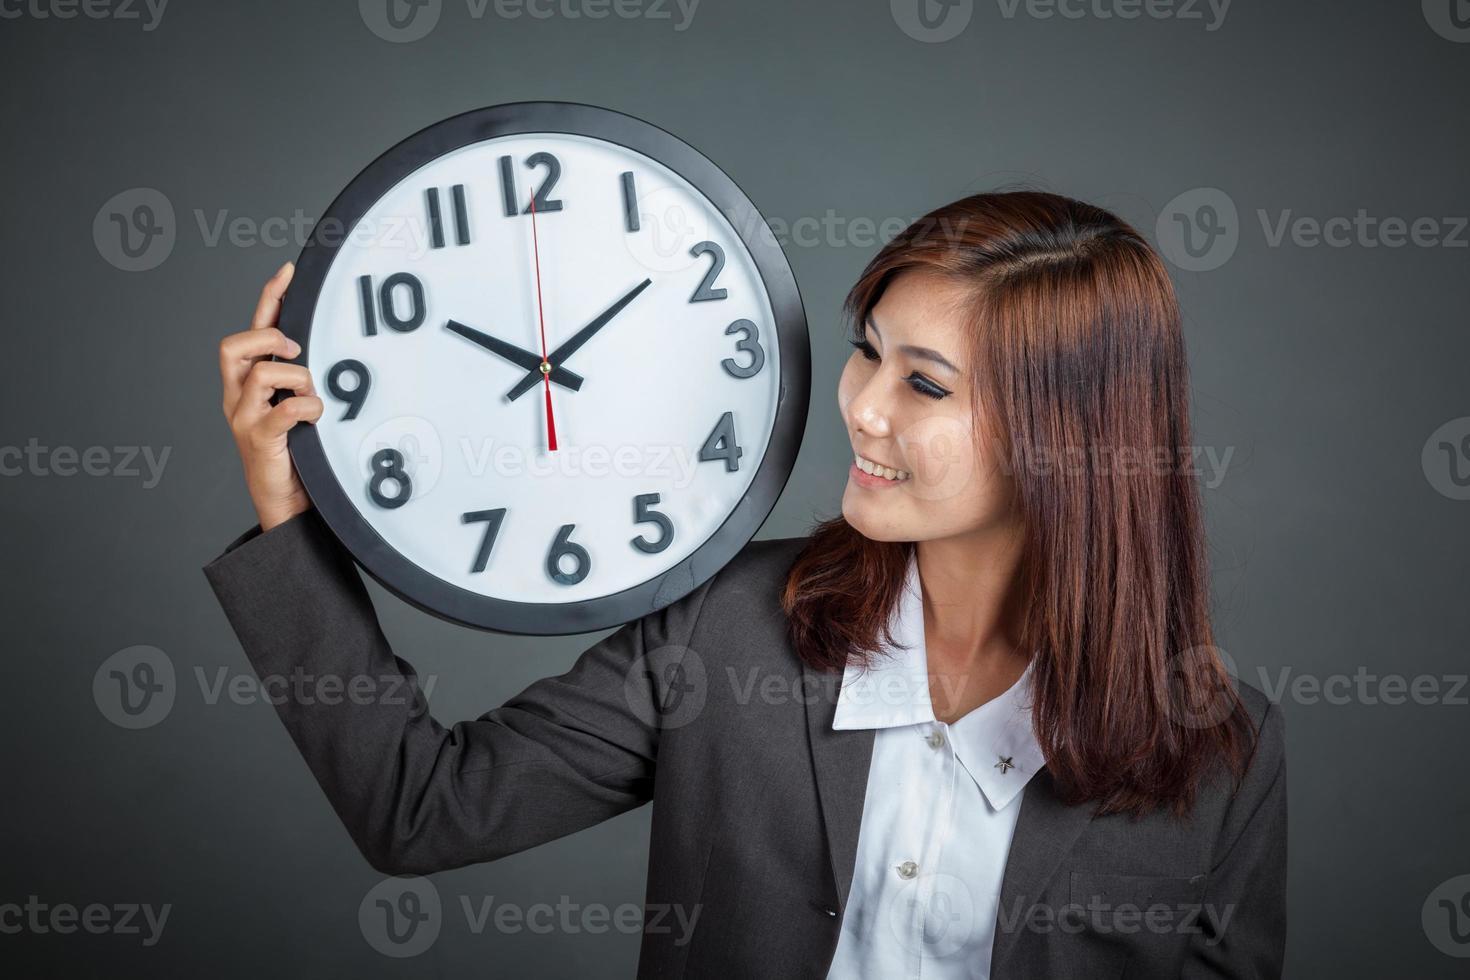 asiatische Geschäftsfrau zeigen eine Uhr auf ihrer Schulter und lächeln foto